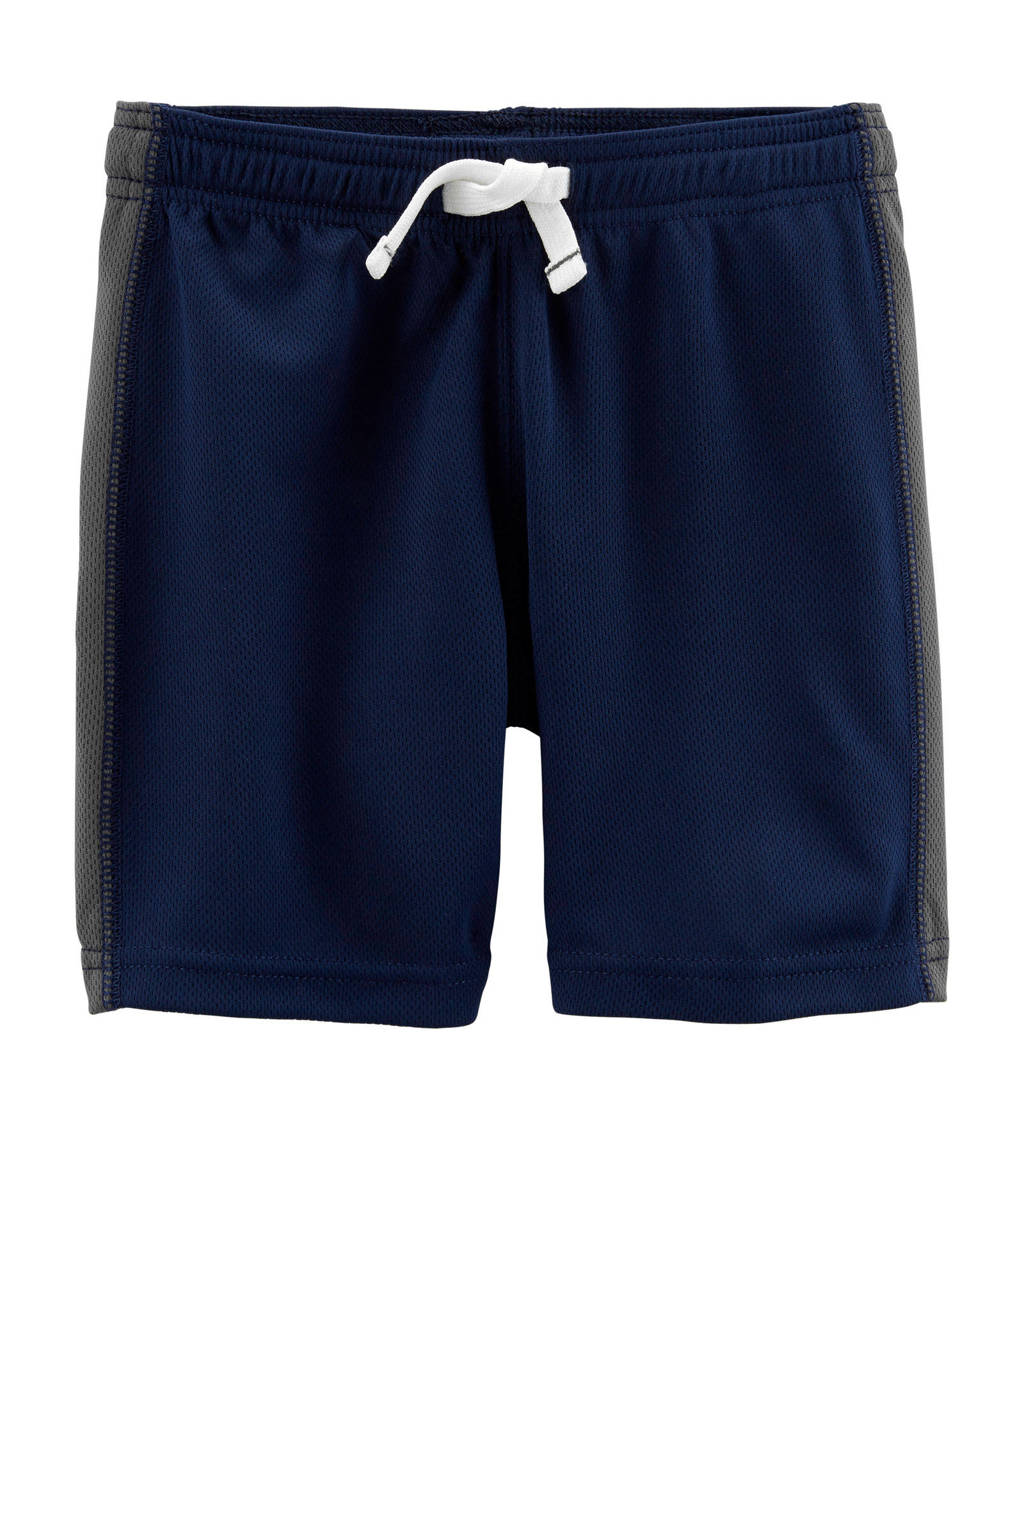 Carter's   sportshort met zijstreep blauw, Donkerblauw